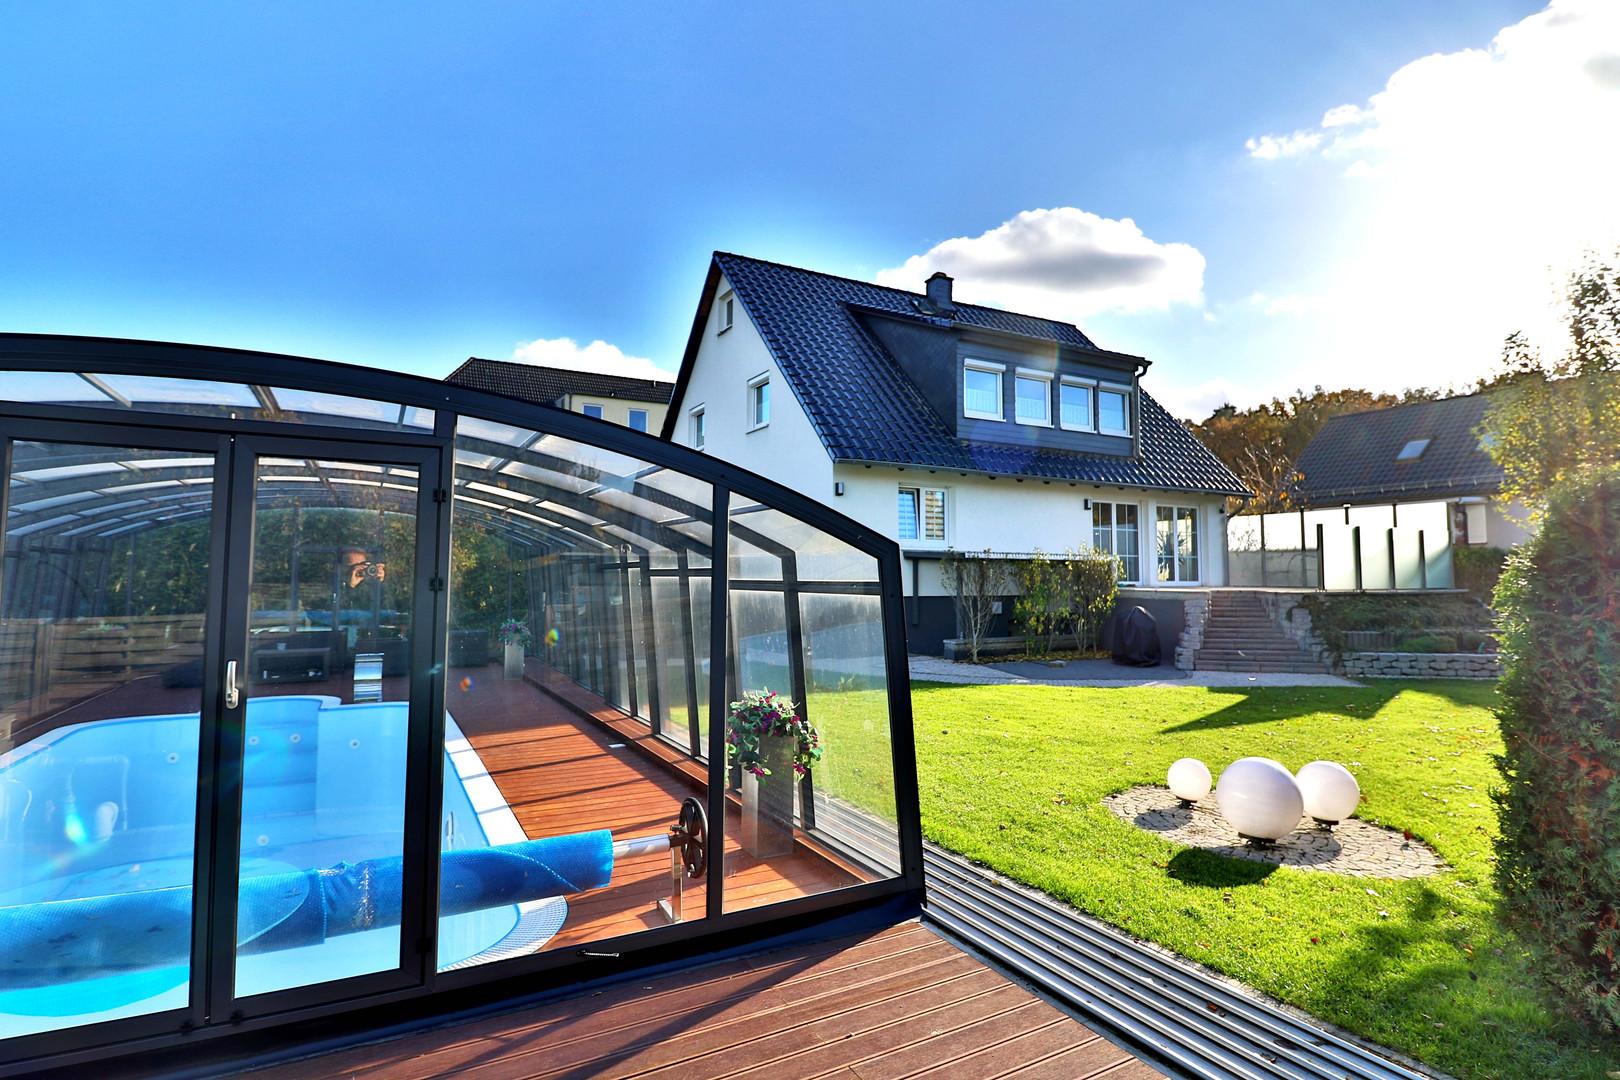 Blick v. Pool zum Haus.jpg